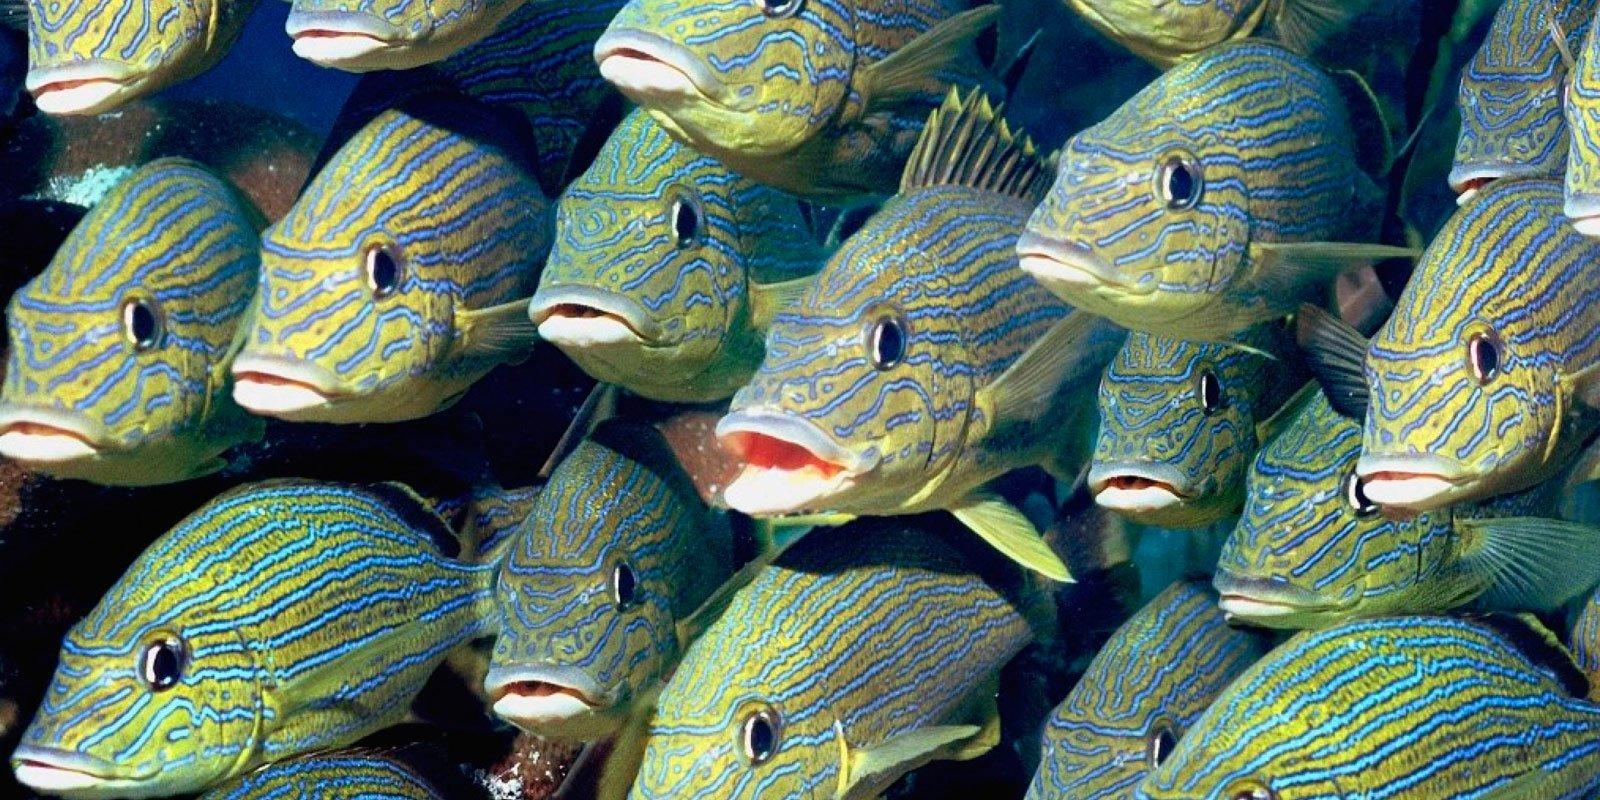 Los peces tienen sentimientos